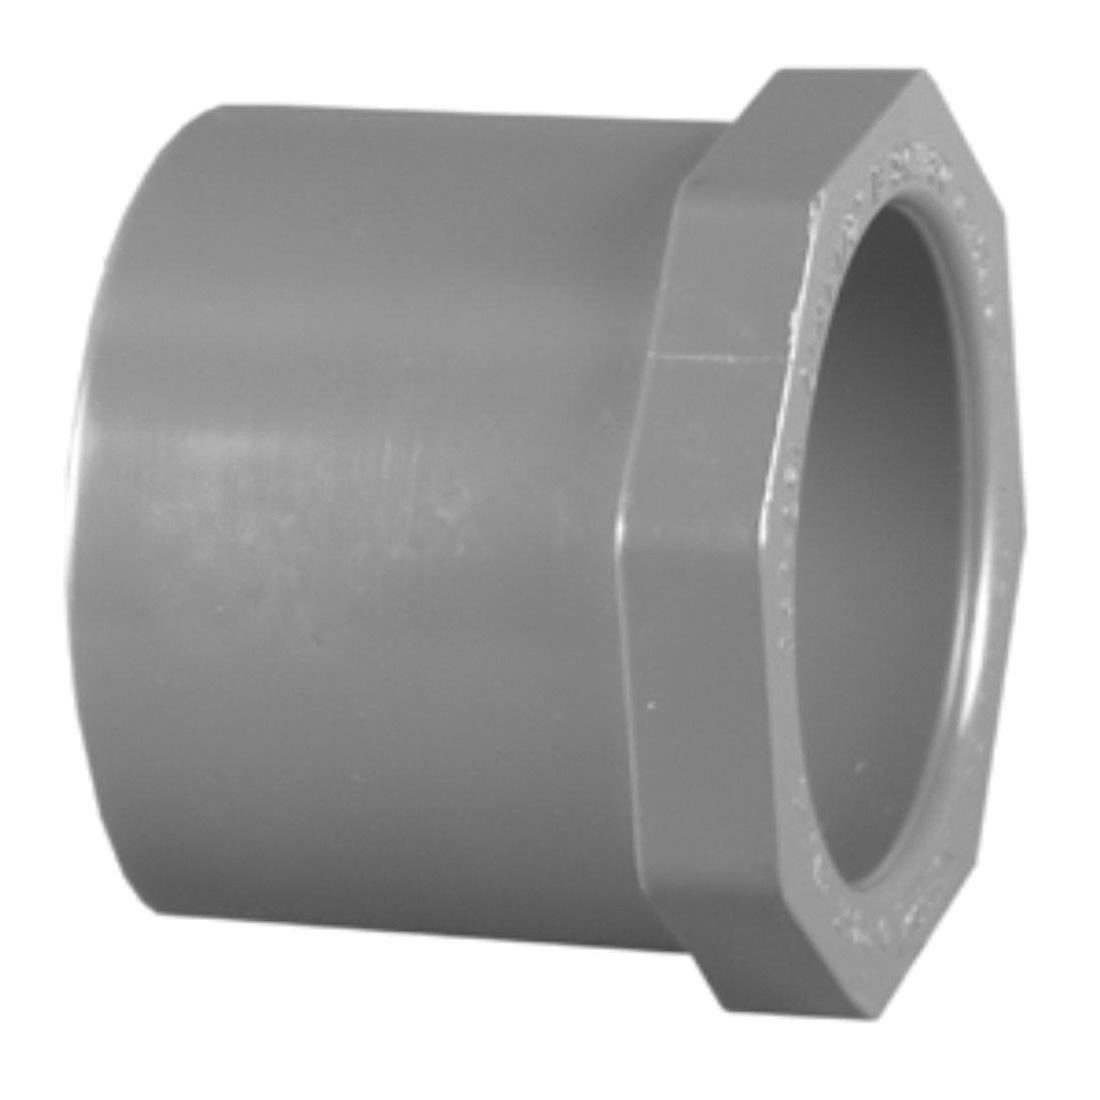 Charlotte PVC 08107 3000 Flush Reducing Bushing, 1-1/2 x 1-1/4 in, Spigot x Socket, SCH 80/XH, PVC, Domestic